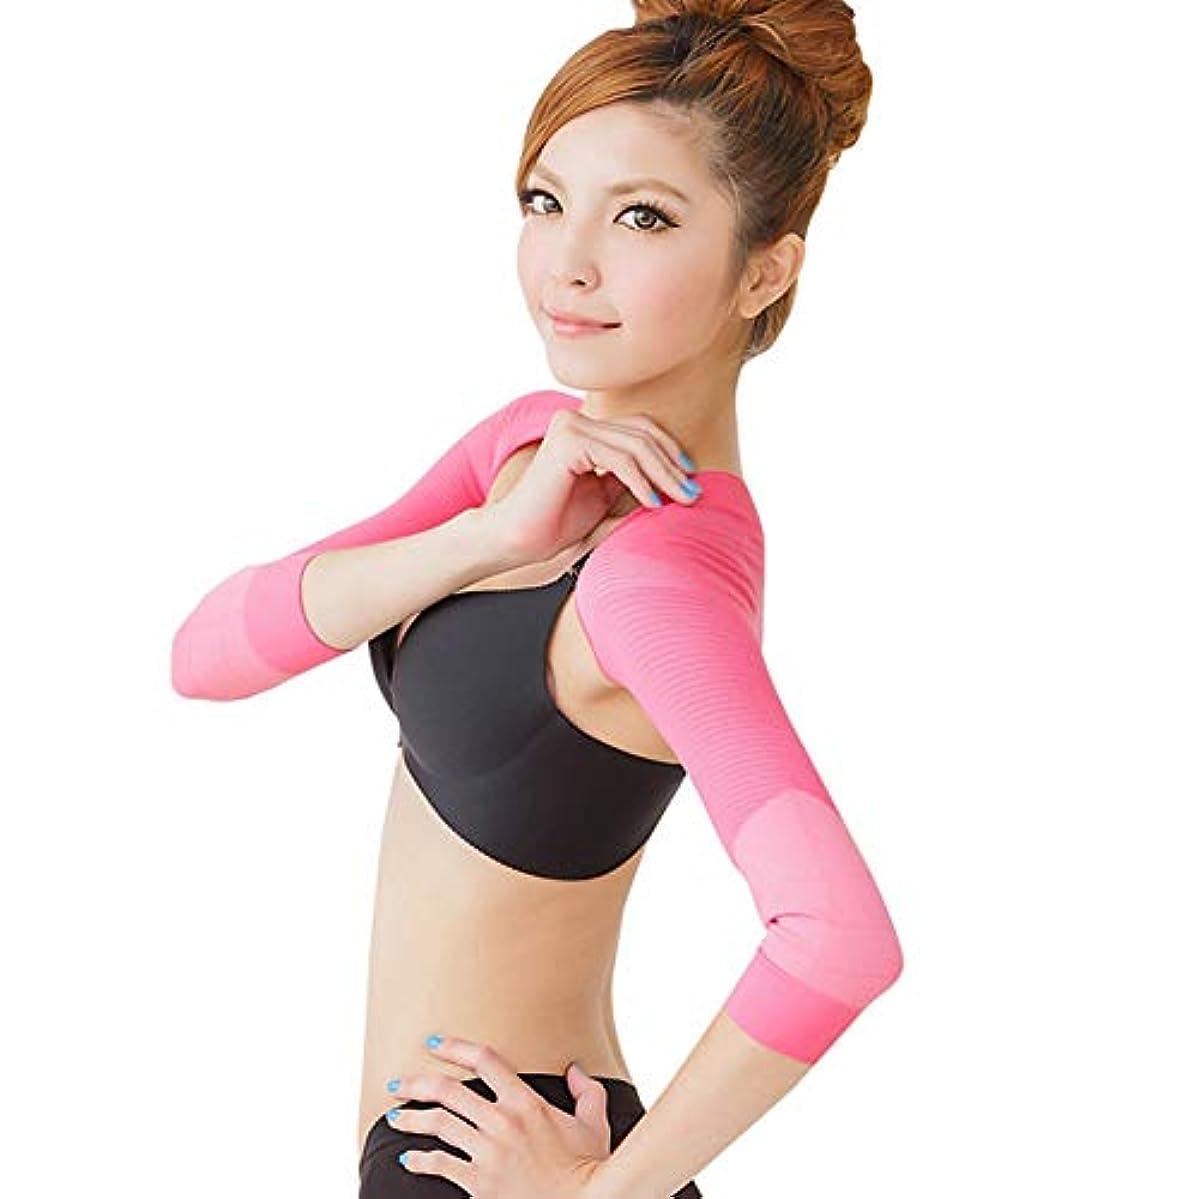 ウールトラクター電極IYUNYI 女性 姿勢 矯正 二の腕シェイプケア 猫背矯正 肩サポーター 補正下着 補正インナー 二の腕痩せ 二の腕シェイパー (ピンク, XL)